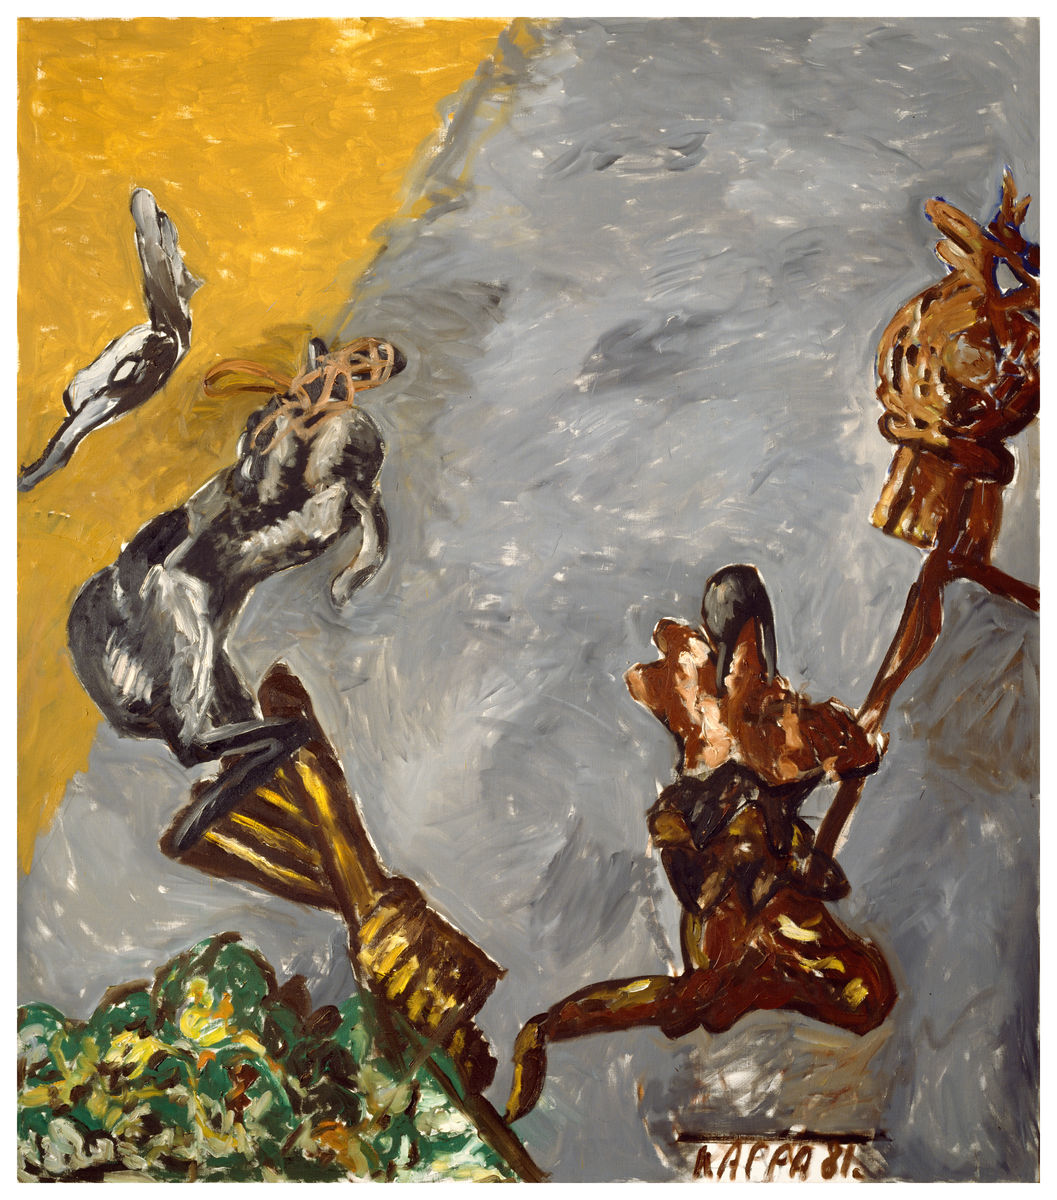 Frohbotschaft ,1981, Oil on canvas, 79h x 69w in (201h x 176w cm), Morat-Institute, Freiburg in Breisgau